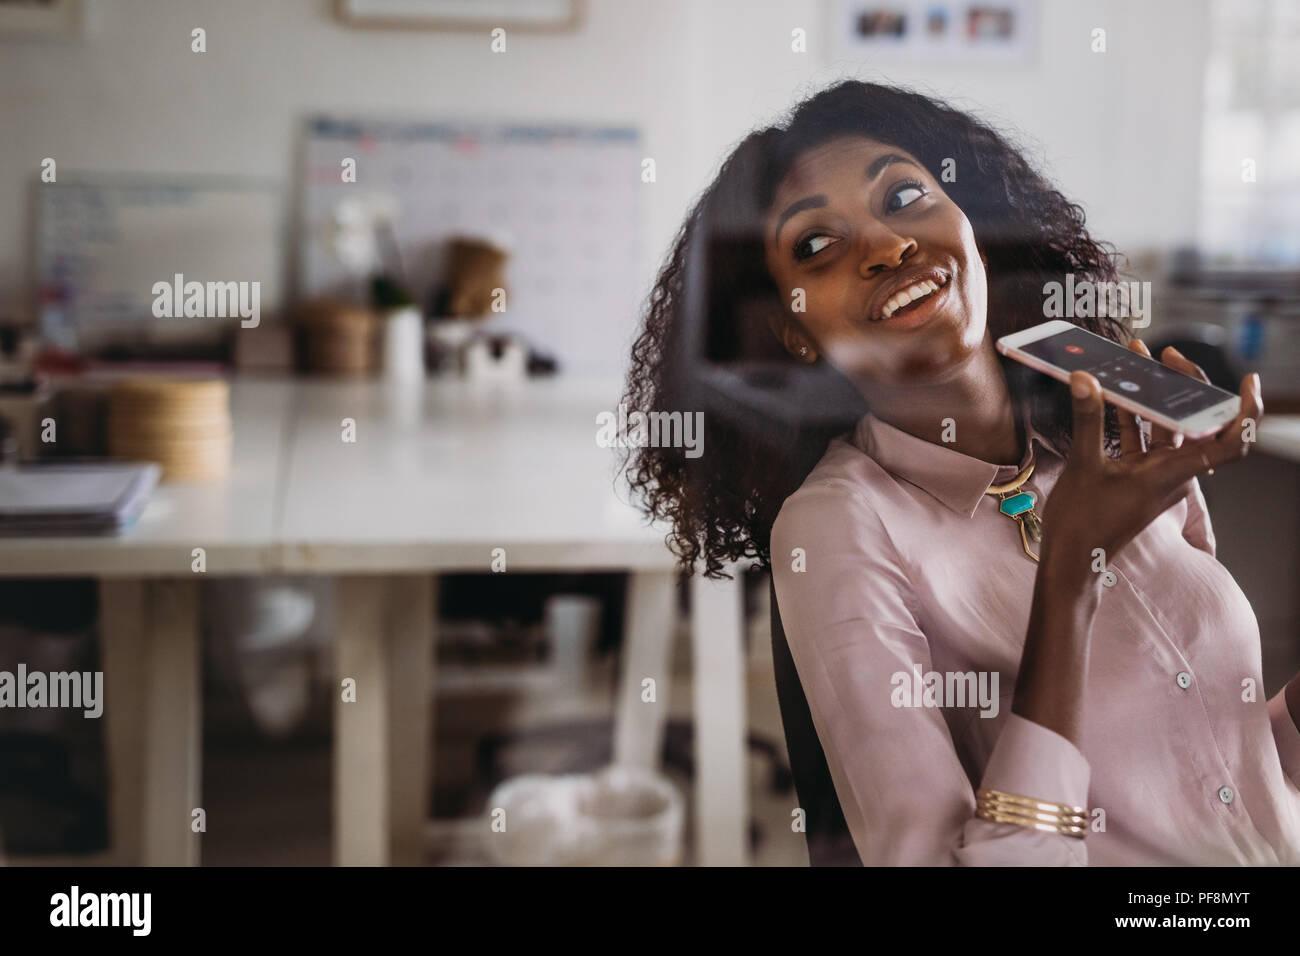 Empresaria en atuendo formal hablando a través del altavoz del teléfono móvil sentado en casa y mirando hacia atrás. Empresaria gestión de negocios desde ho Imagen De Stock